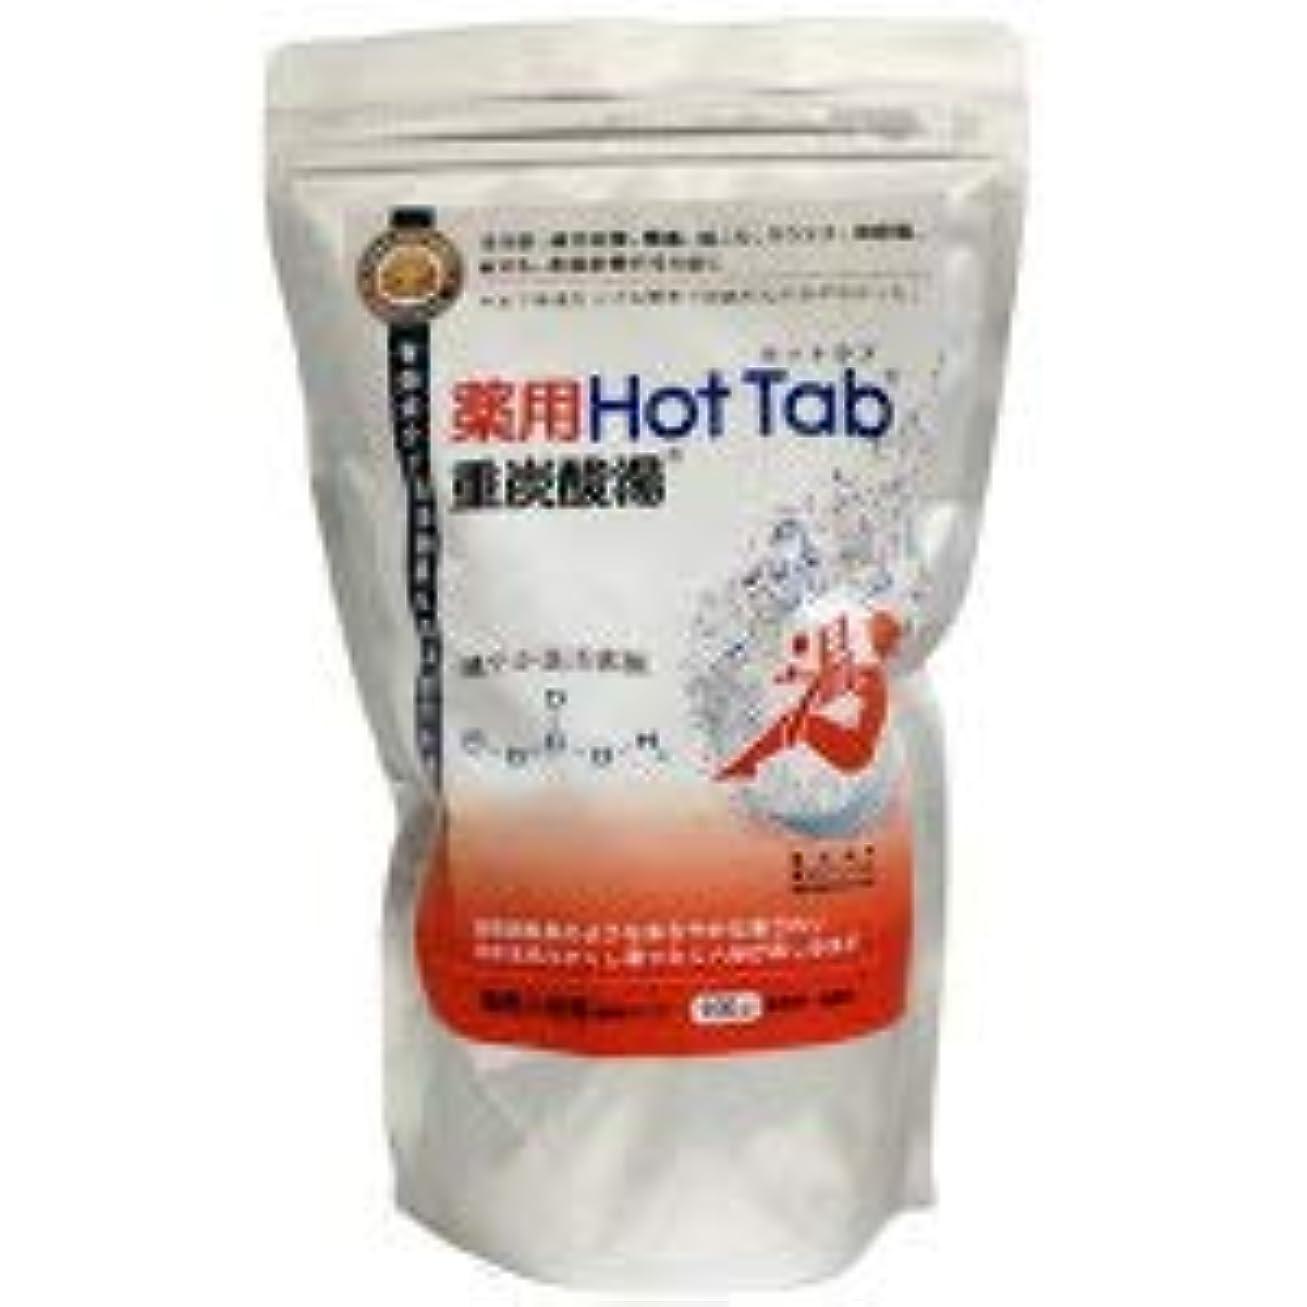 予想外再生可能高く薬用ホットタブ重炭酸湯 100錠入り